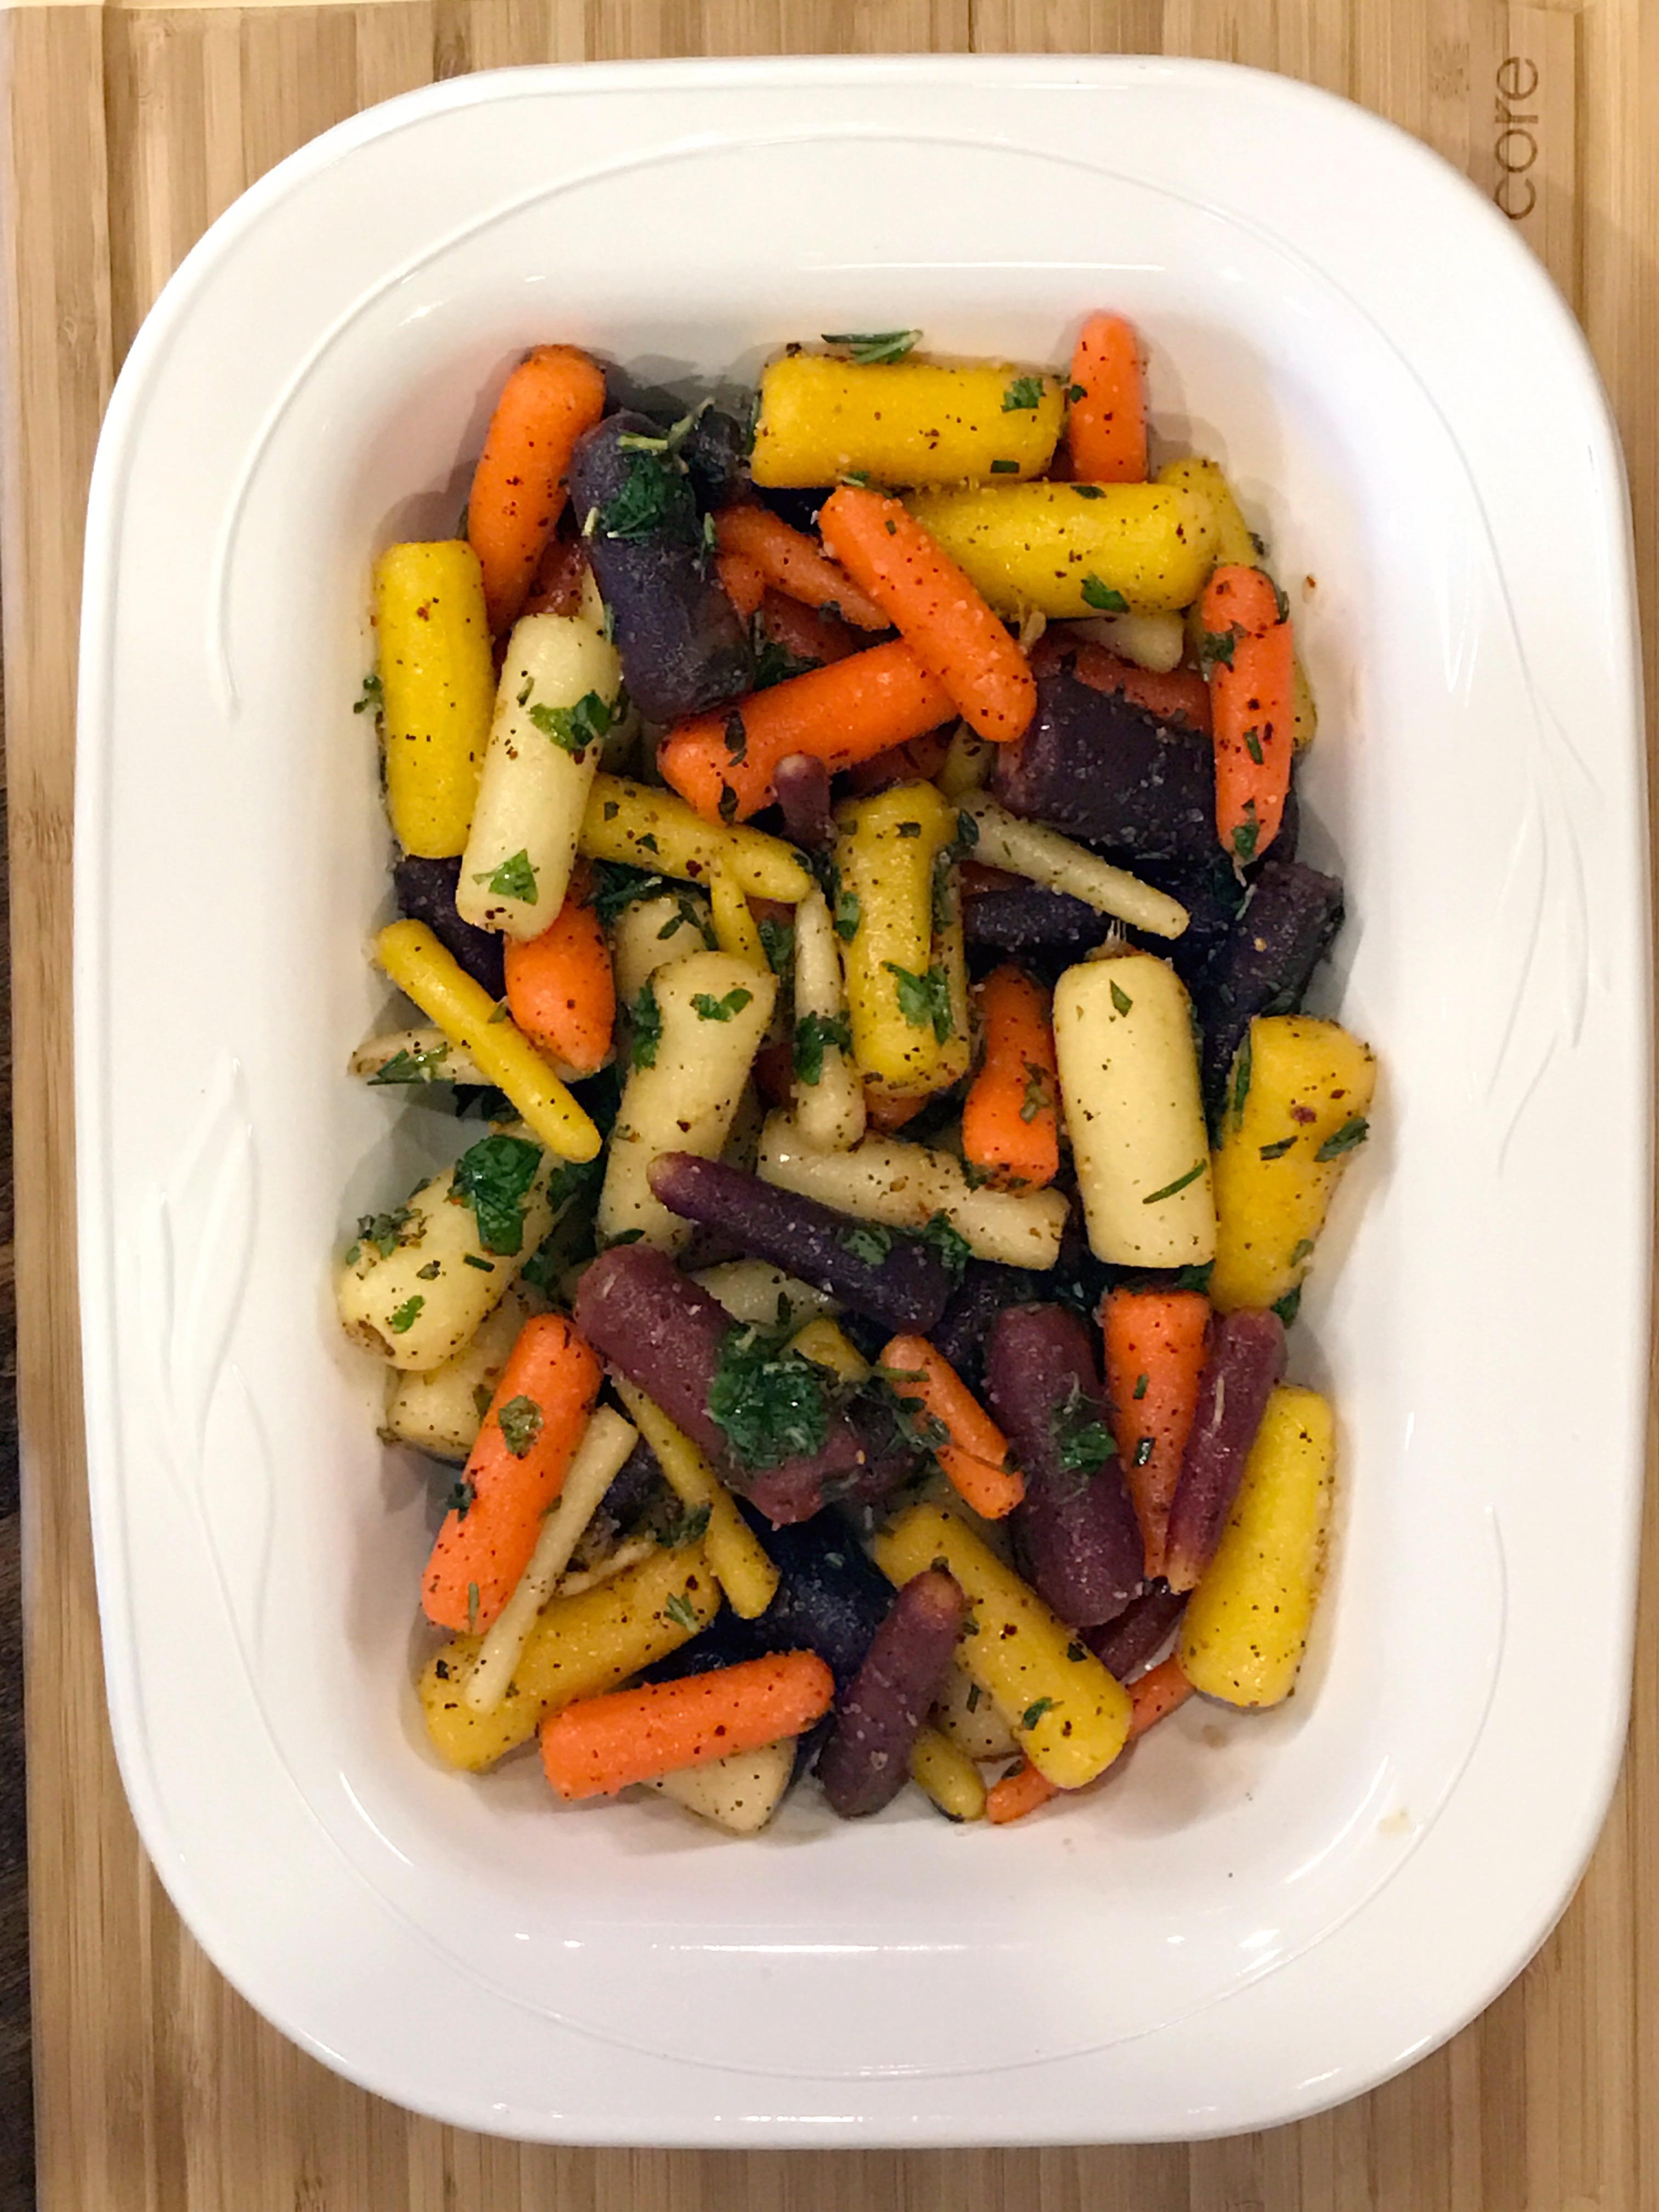 prepared roasted rainbow carrots